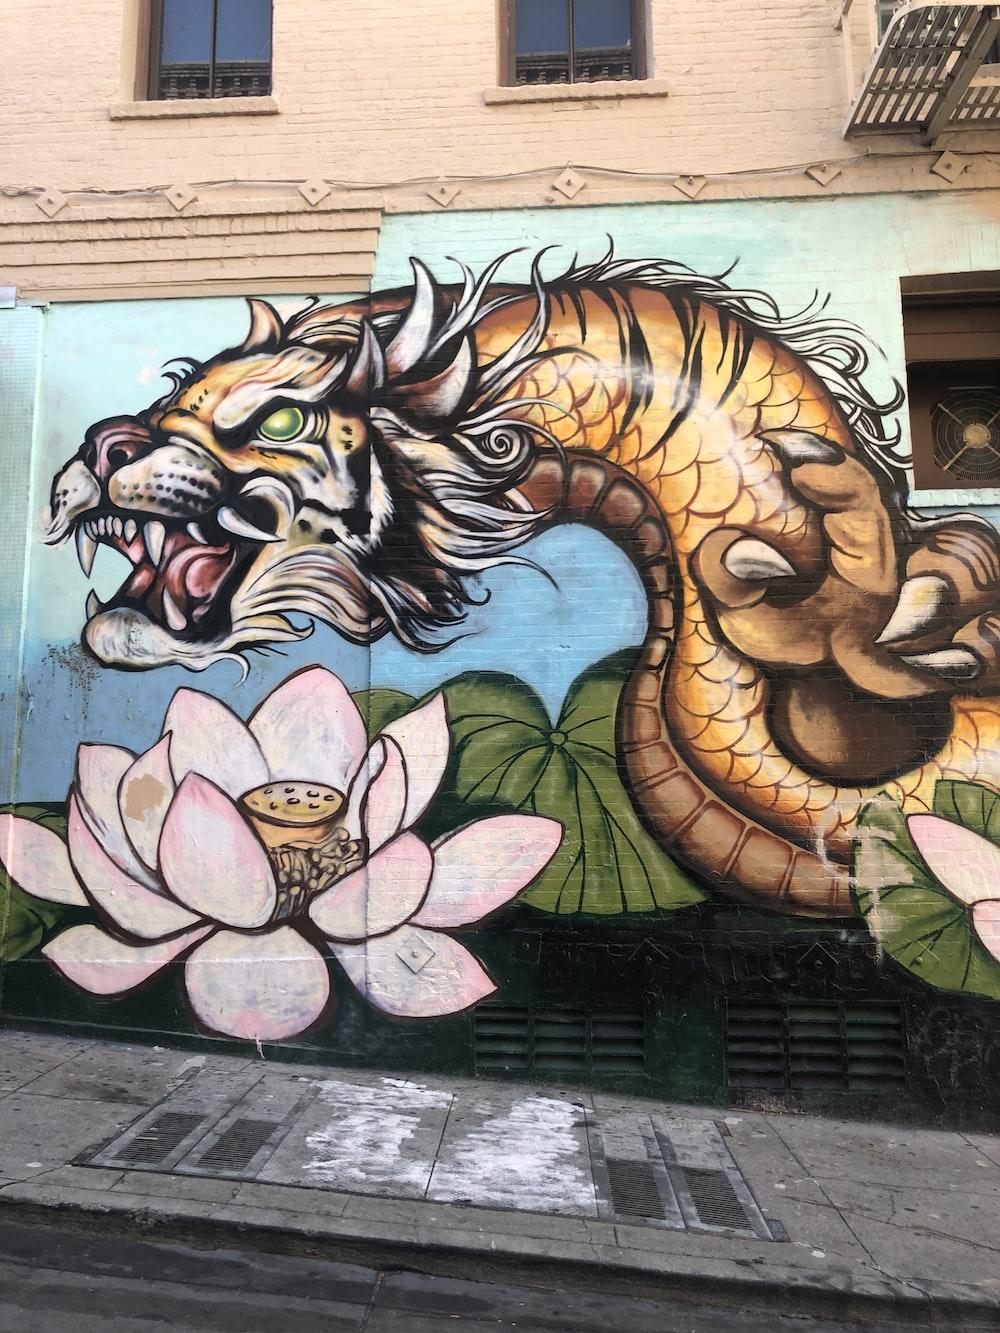 multicolored dragon graffiti art on concrete wall